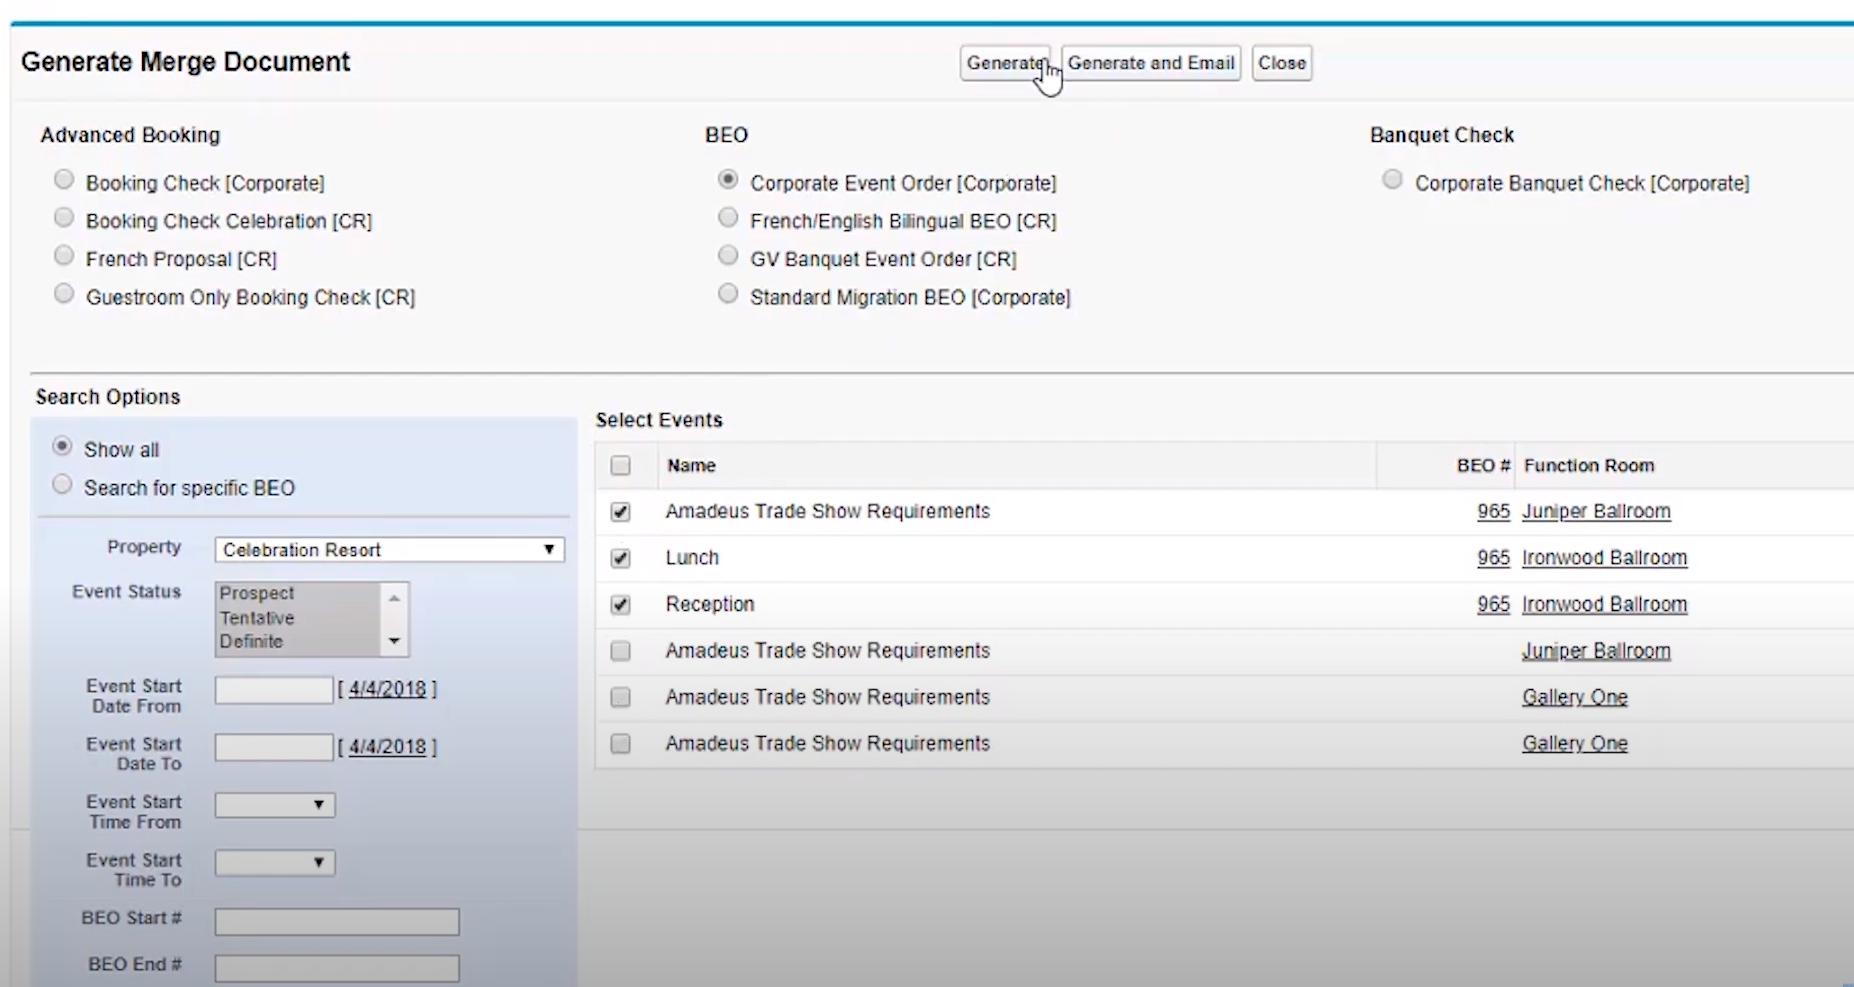 Amadeus Sales & Event Management generate merge document